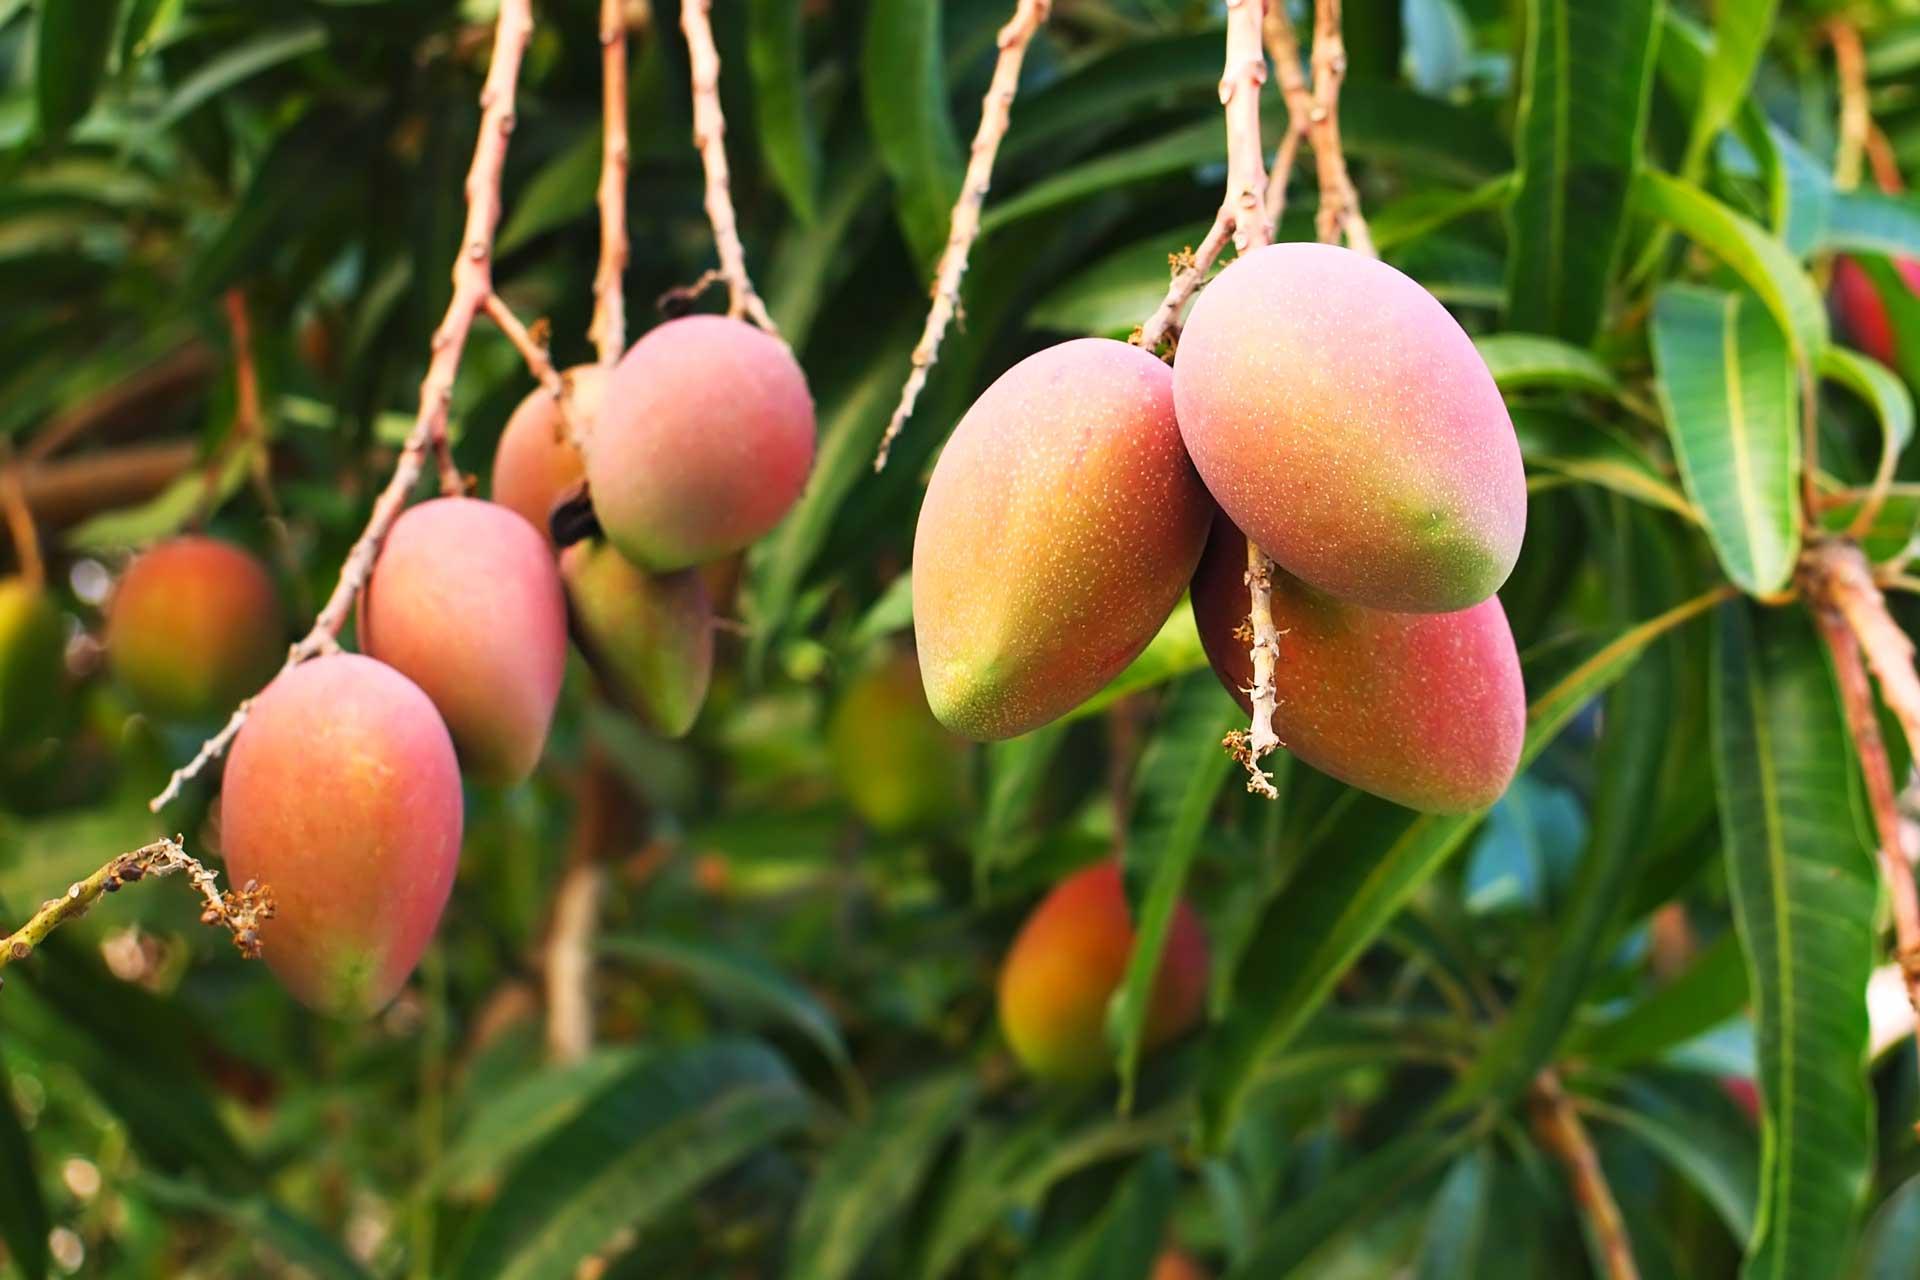 Home - Dennick FruitSource